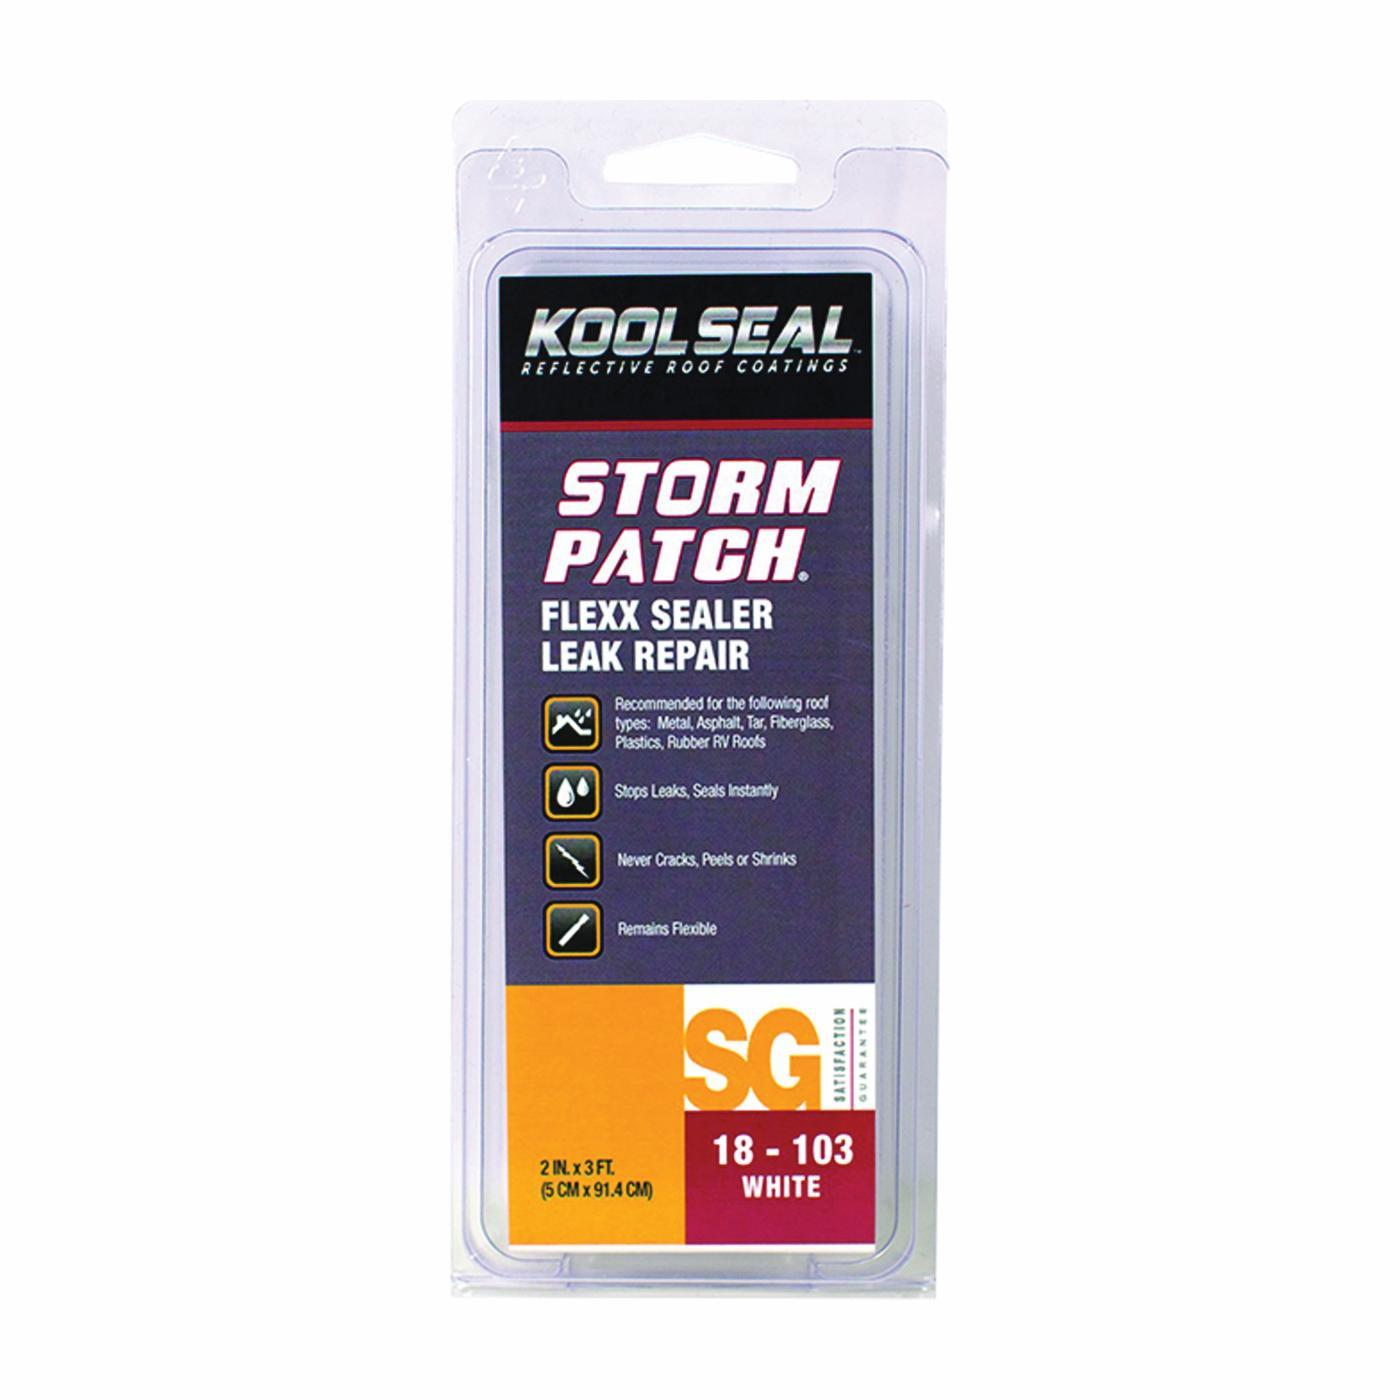 KOOL SEAL KS0018103-99